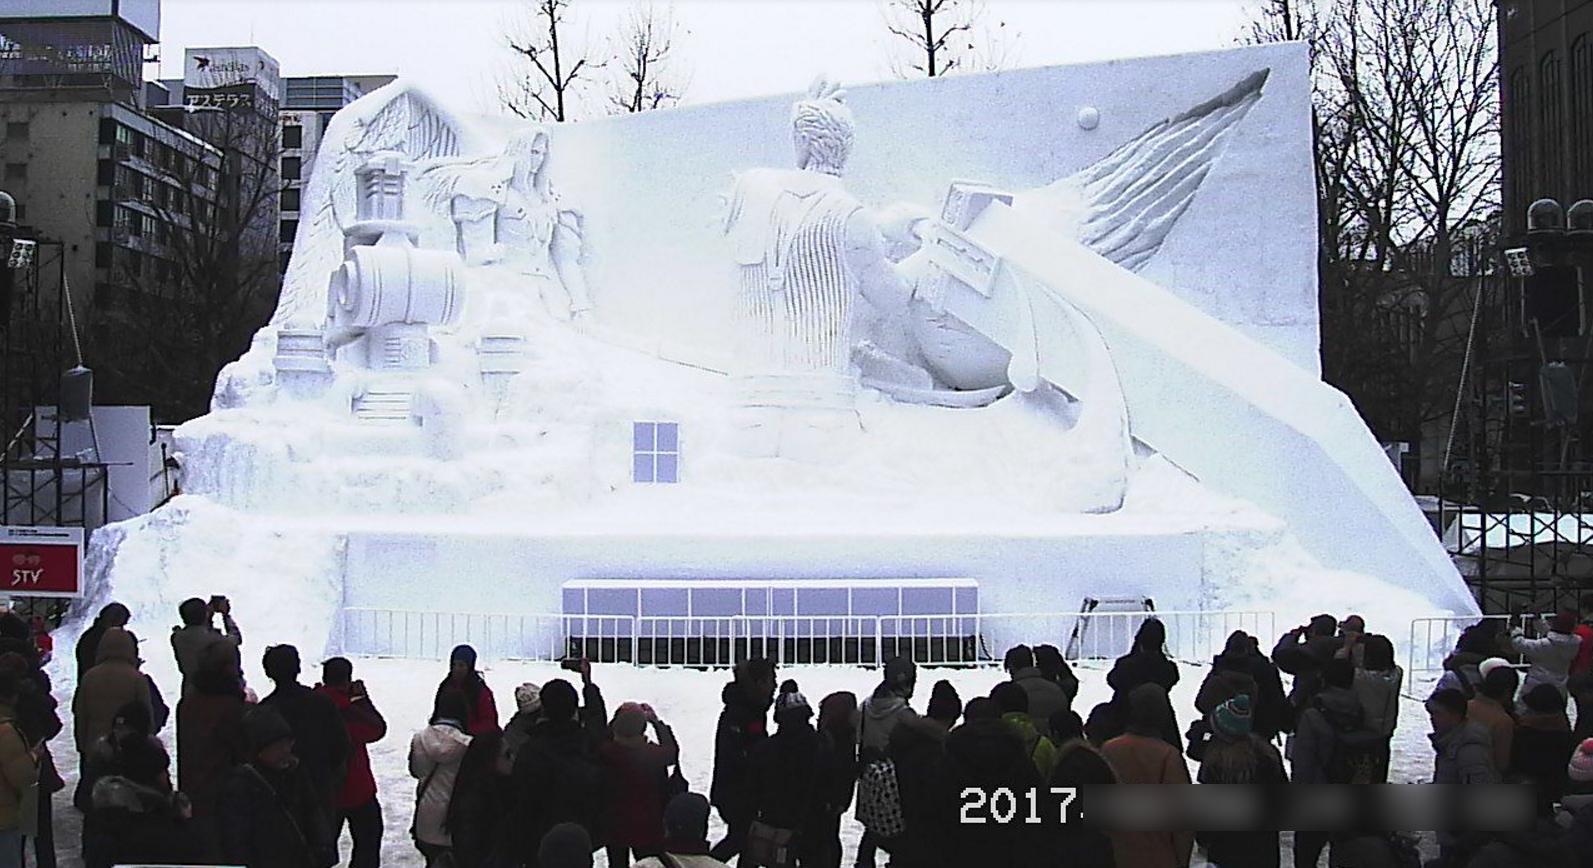 2017さっぽろ雪まつりSTV広場雪のファイナルファンタジー雪像ライブカメラ(北海道札幌市中央区)